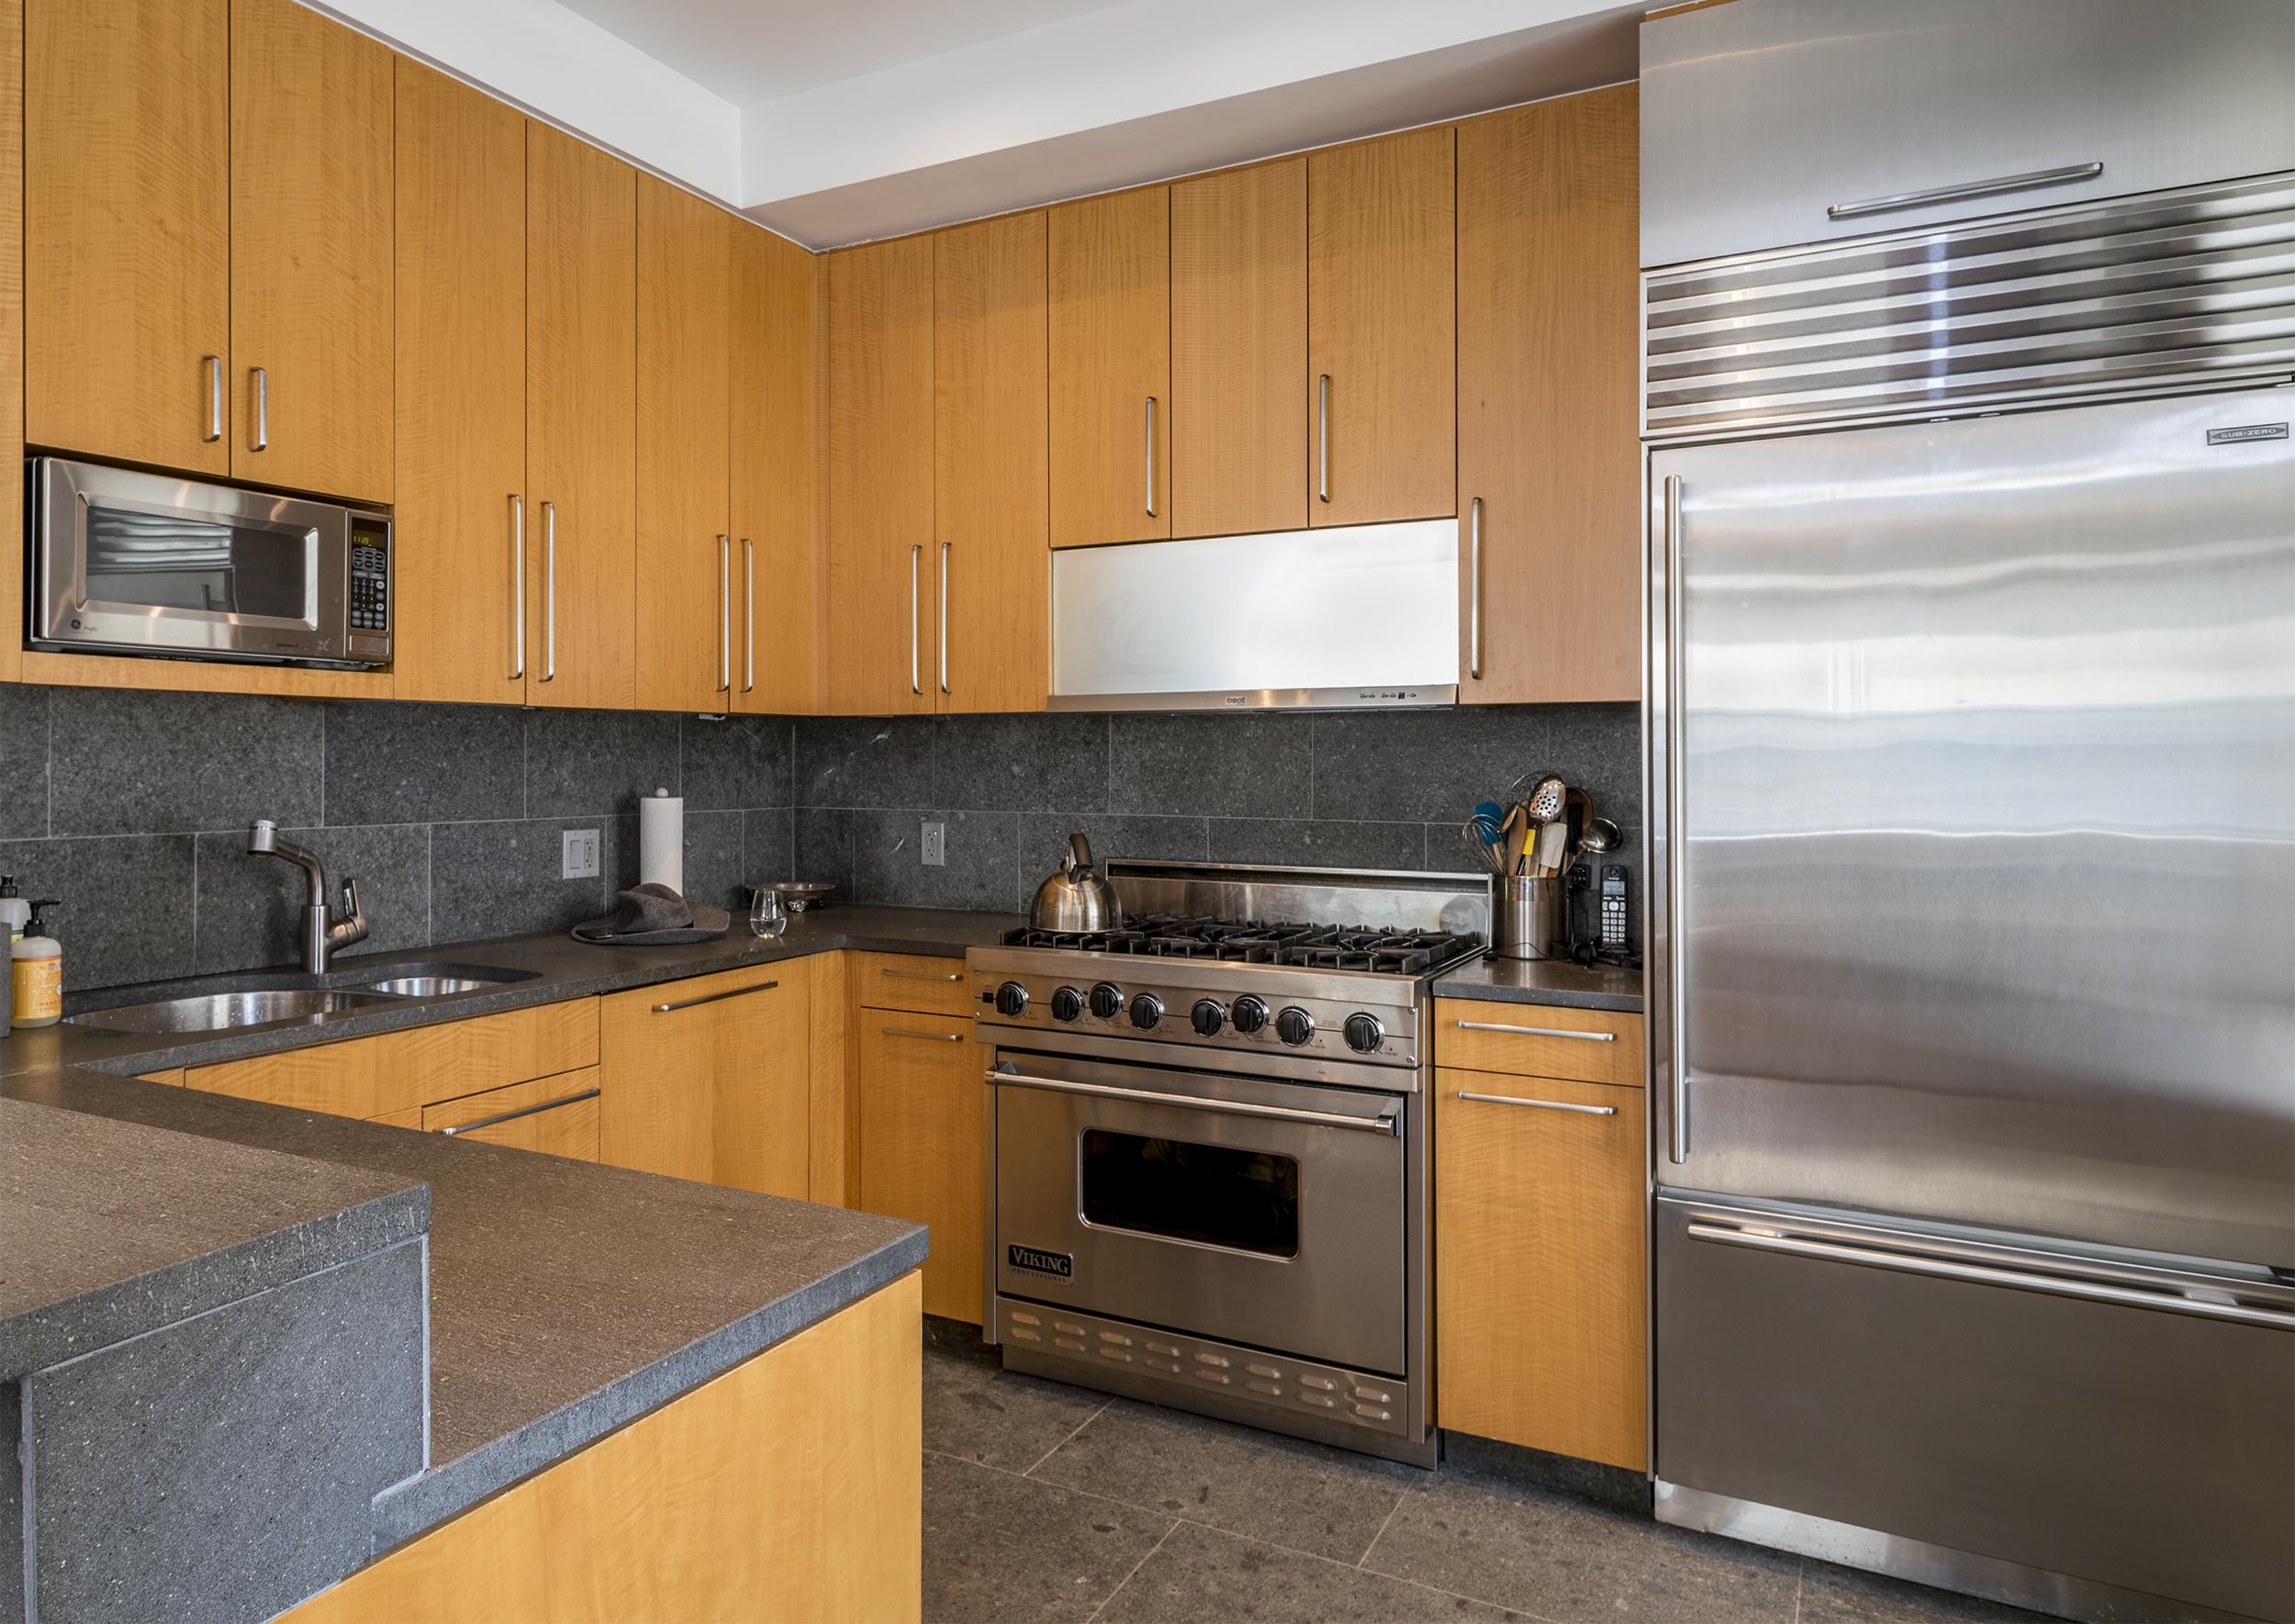 20170411-_PRK305111_tribeca_kitchen.jpg